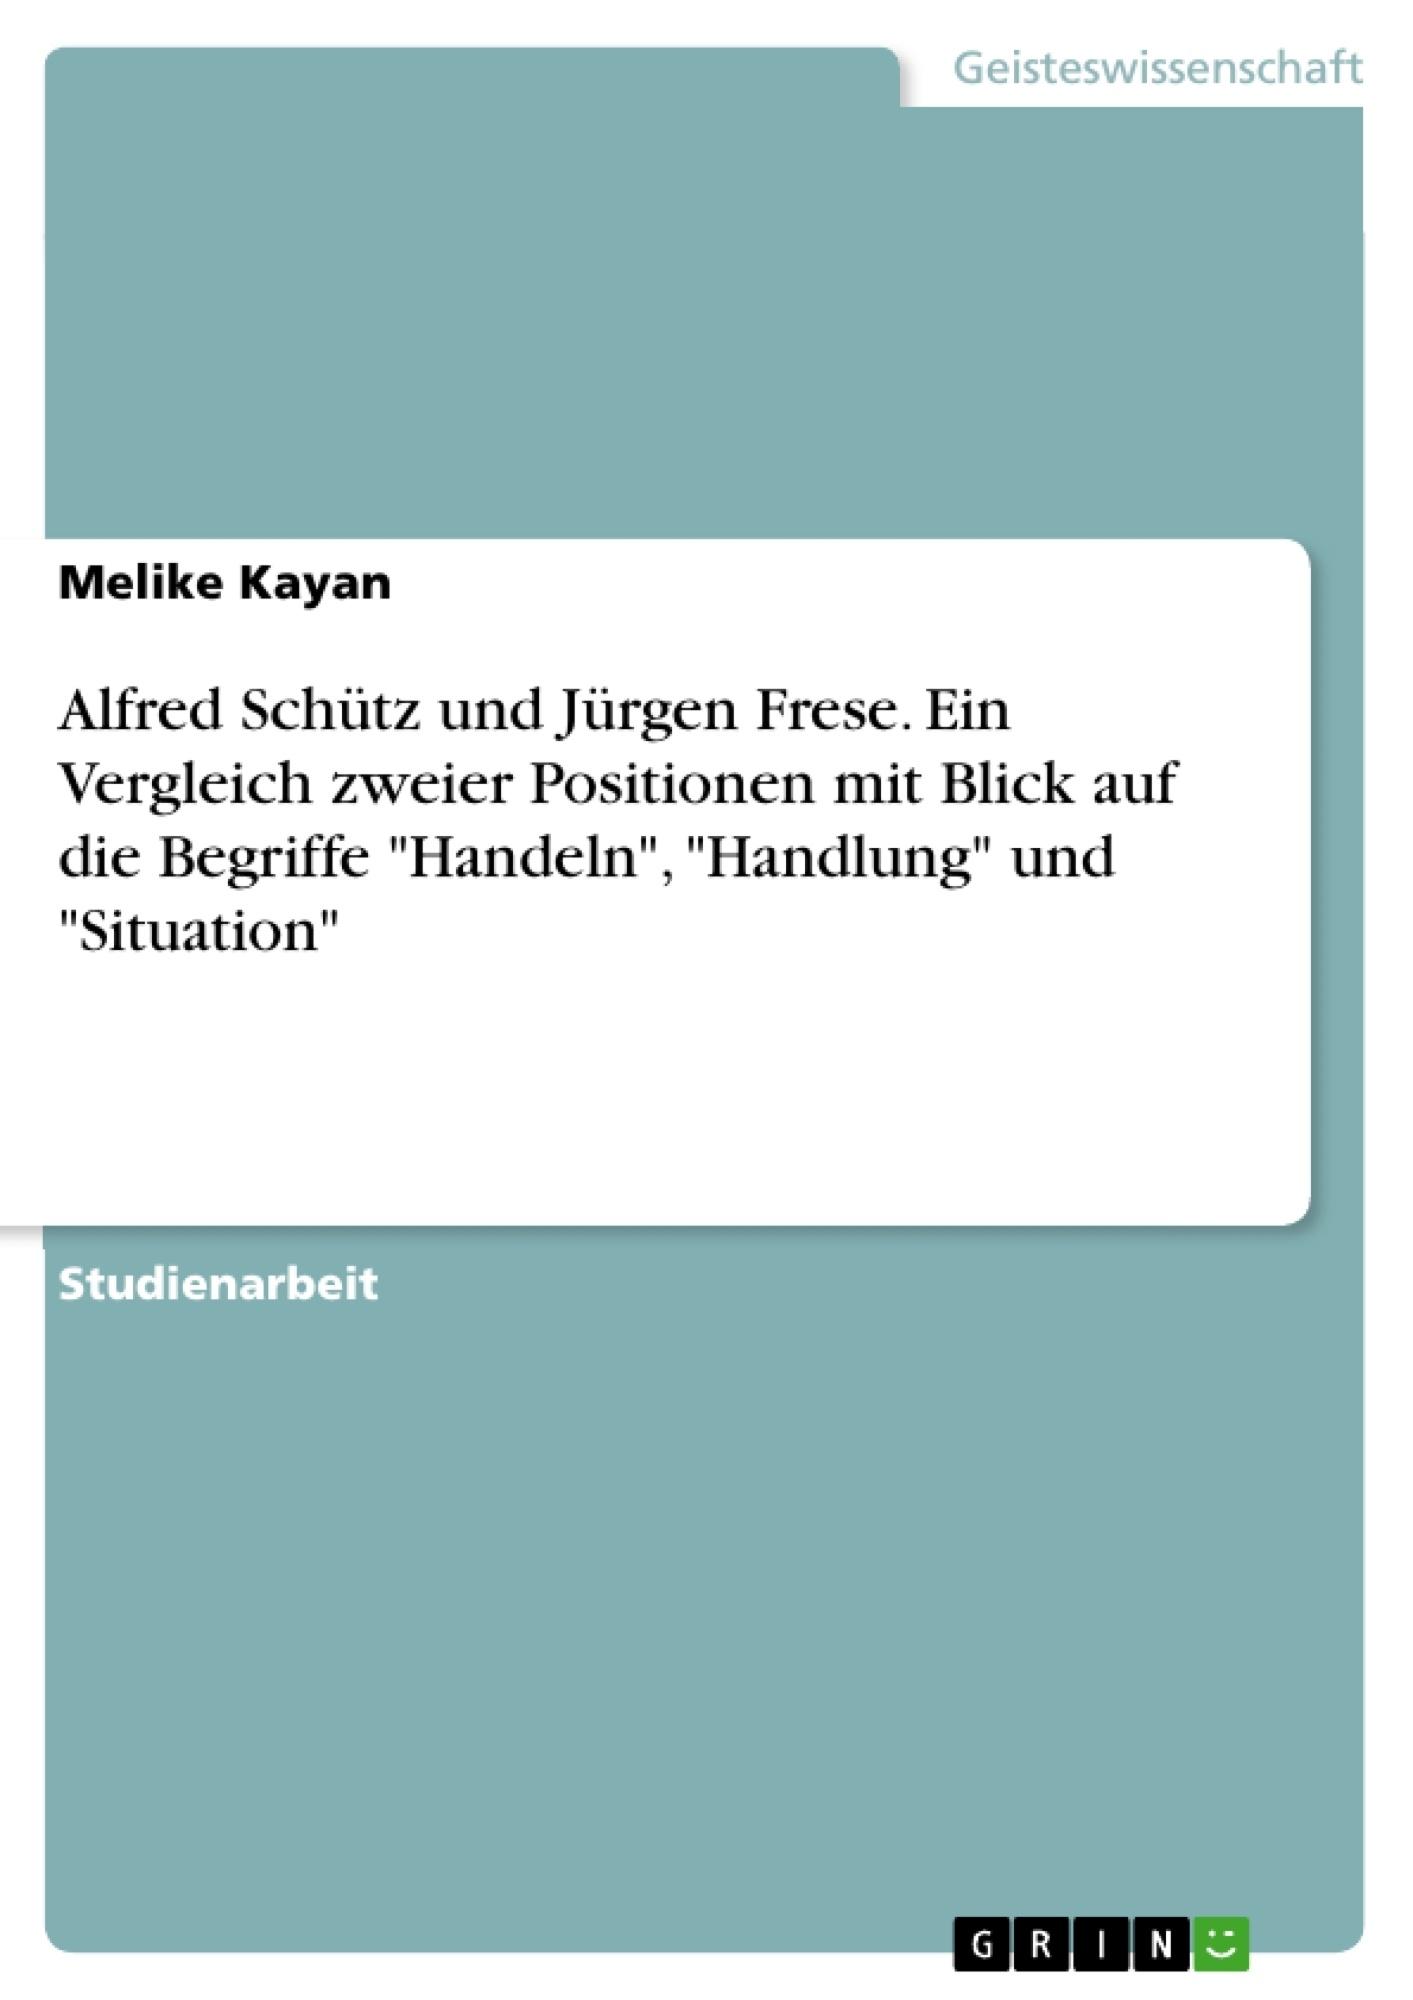 """Titel: Alfred Schütz und Jürgen Frese. Ein Vergleich zweier Positionen mit Blick auf die Begriffe """"Handeln"""", """"Handlung"""" und """"Situation"""""""